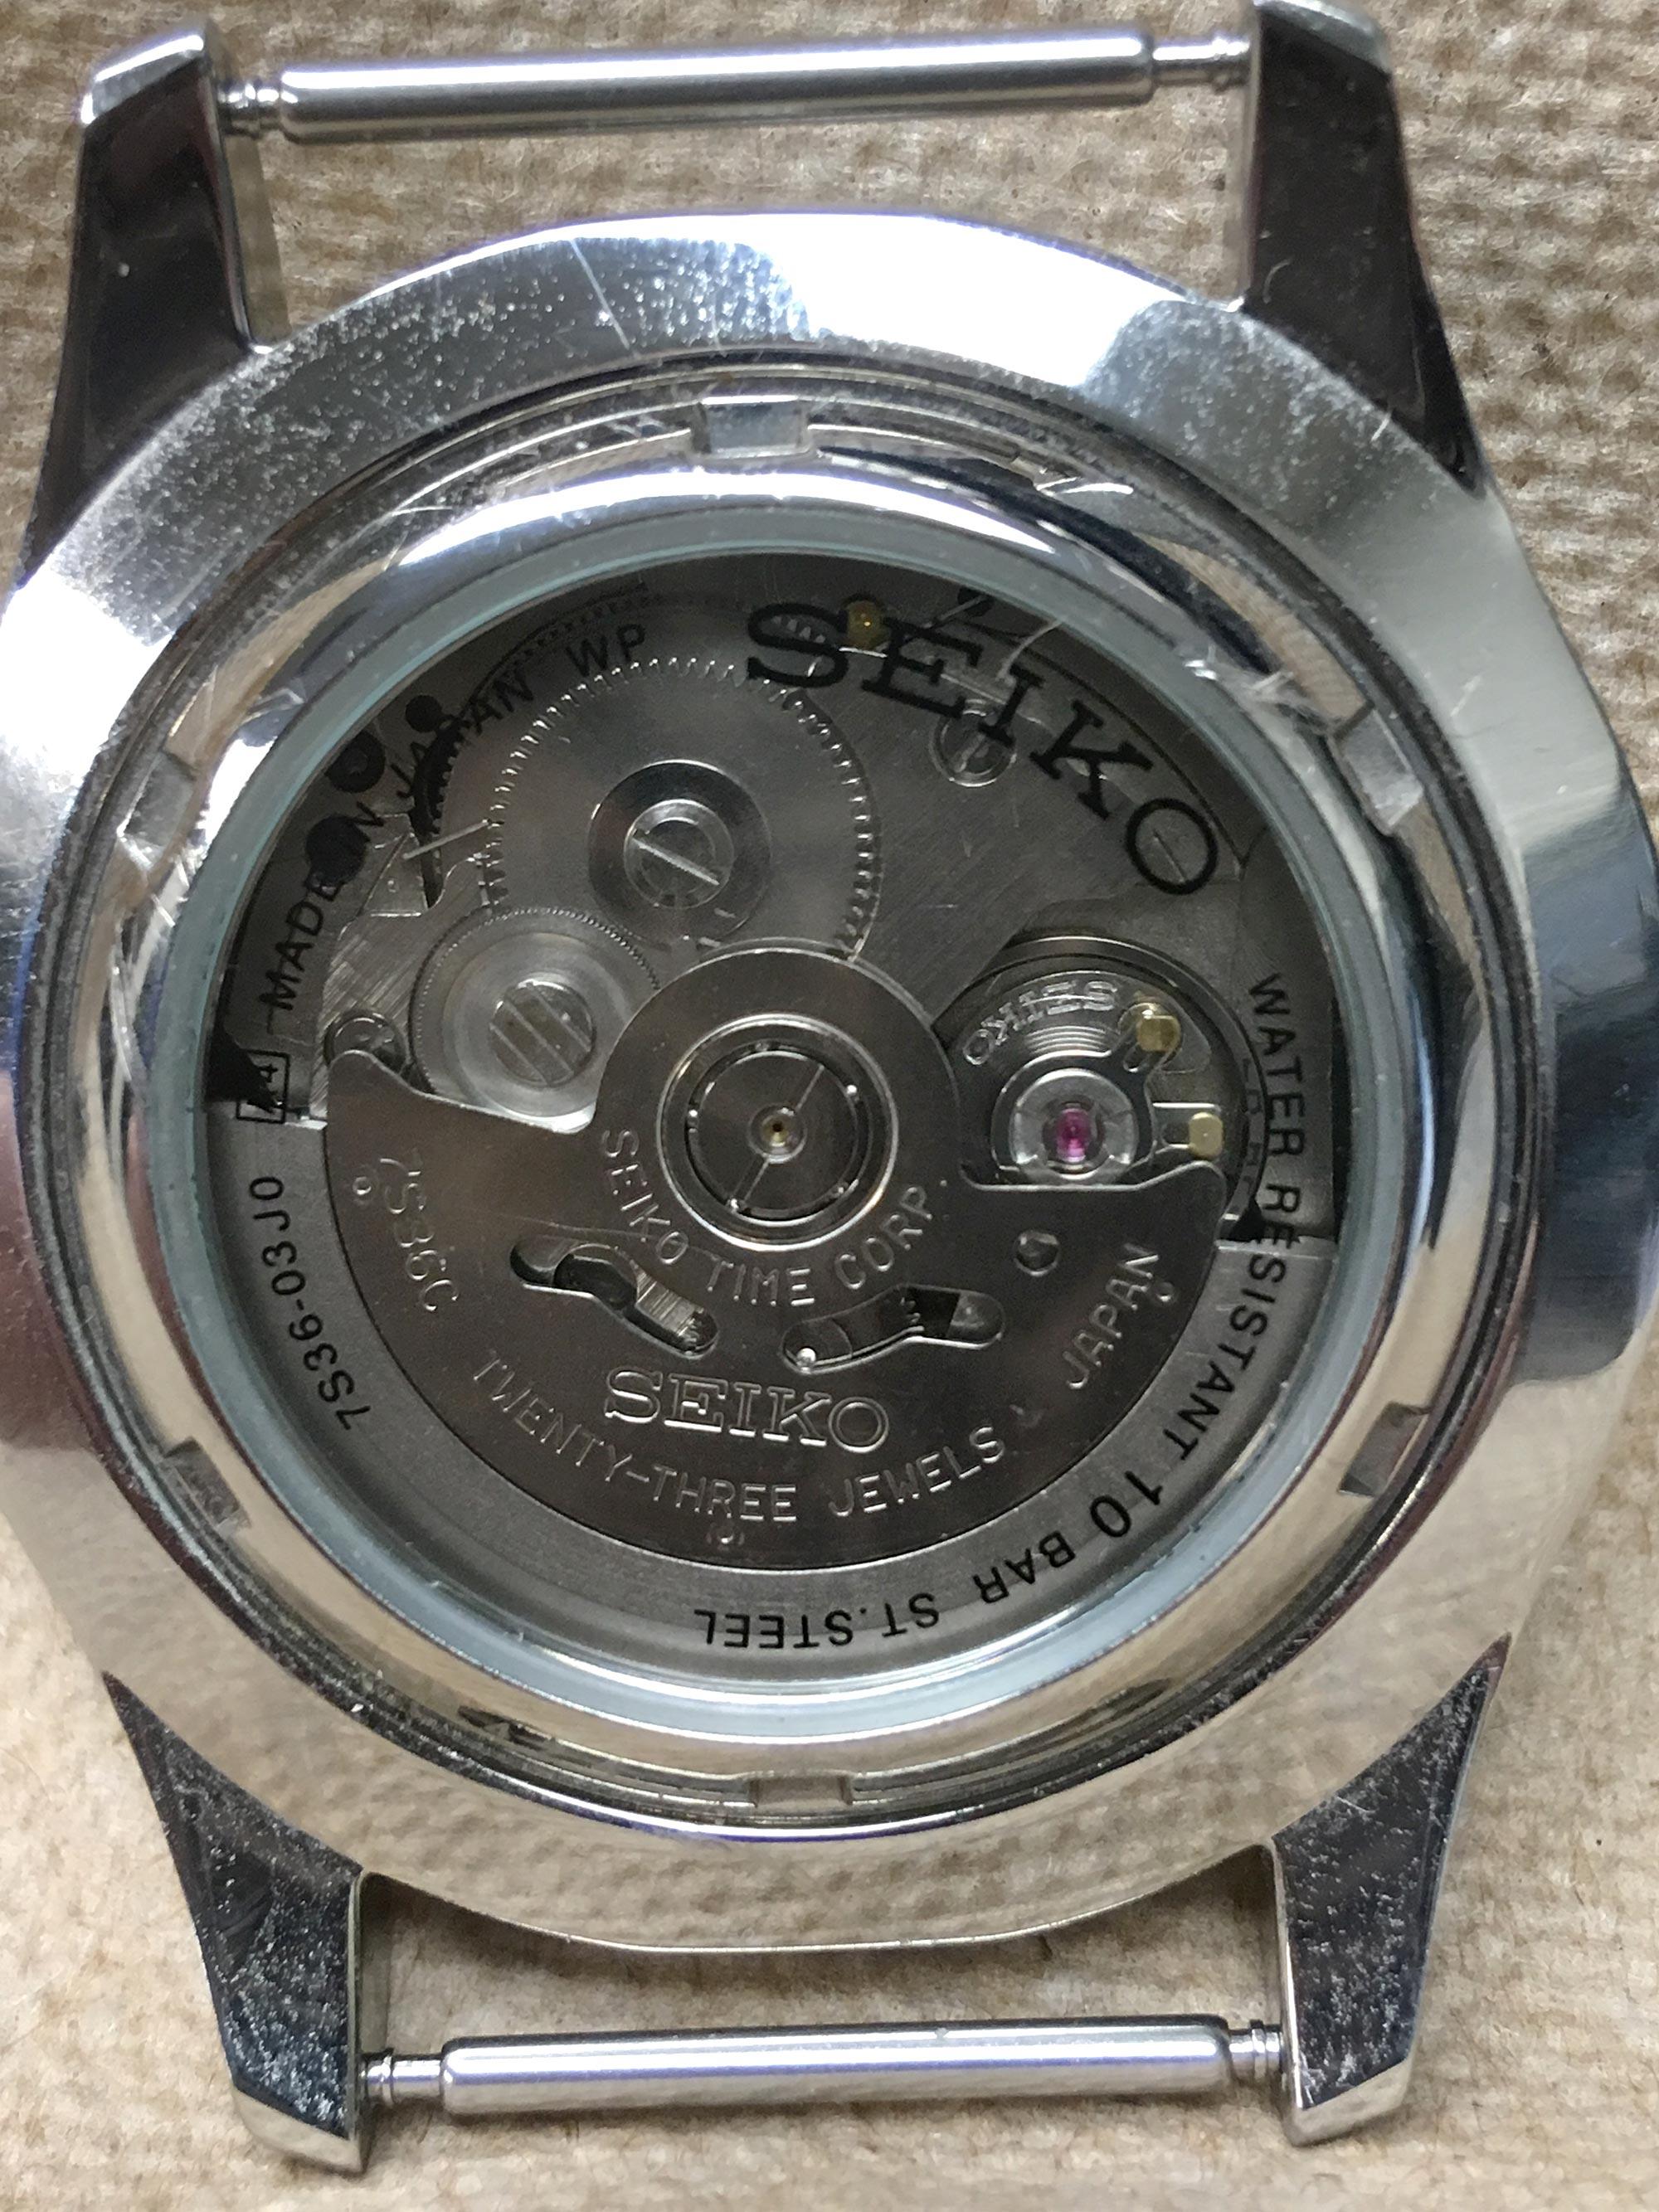 Watch Movement - Automatic - Seiko 7S36